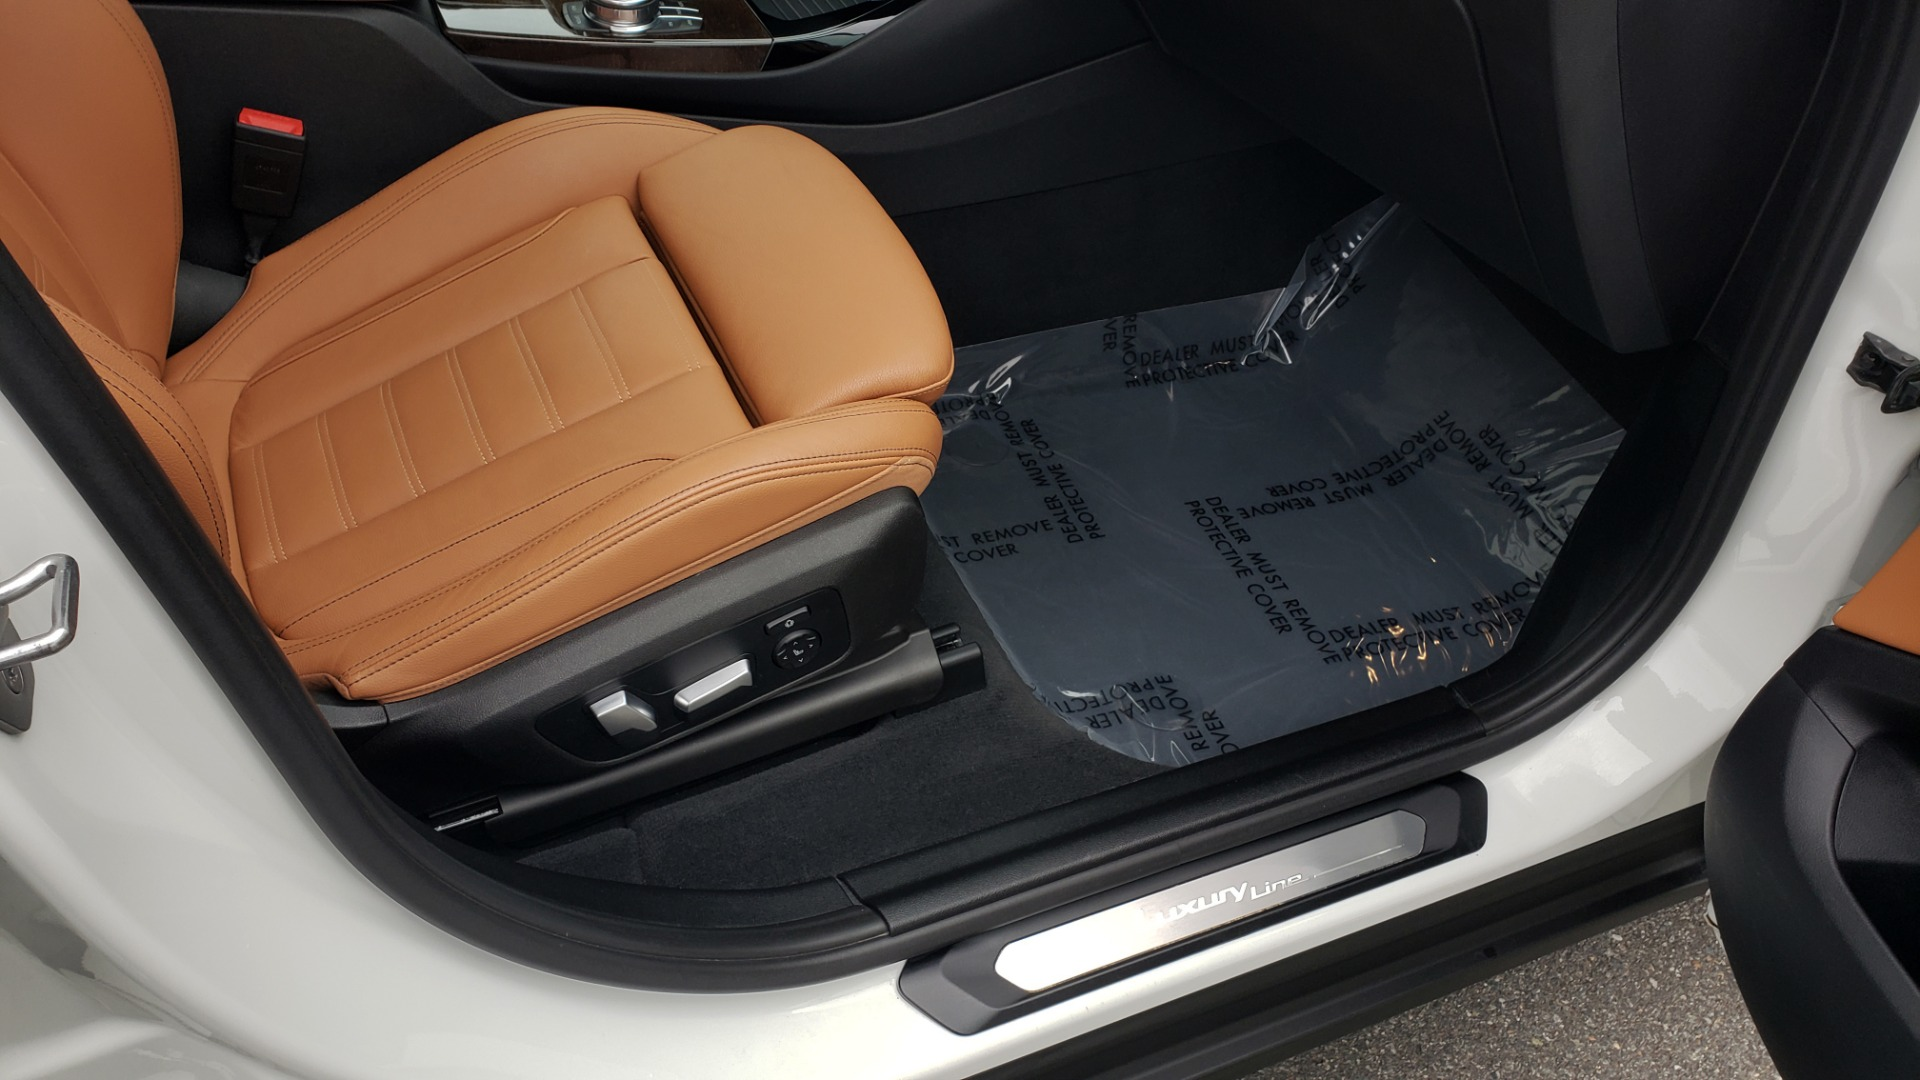 Used 2018 BMW X3 XDRIVE30I / LUX PKG / PREM PKG / CONV PKG / PDC / APPLE CARPLAY for sale Sold at Formula Imports in Charlotte NC 28227 71